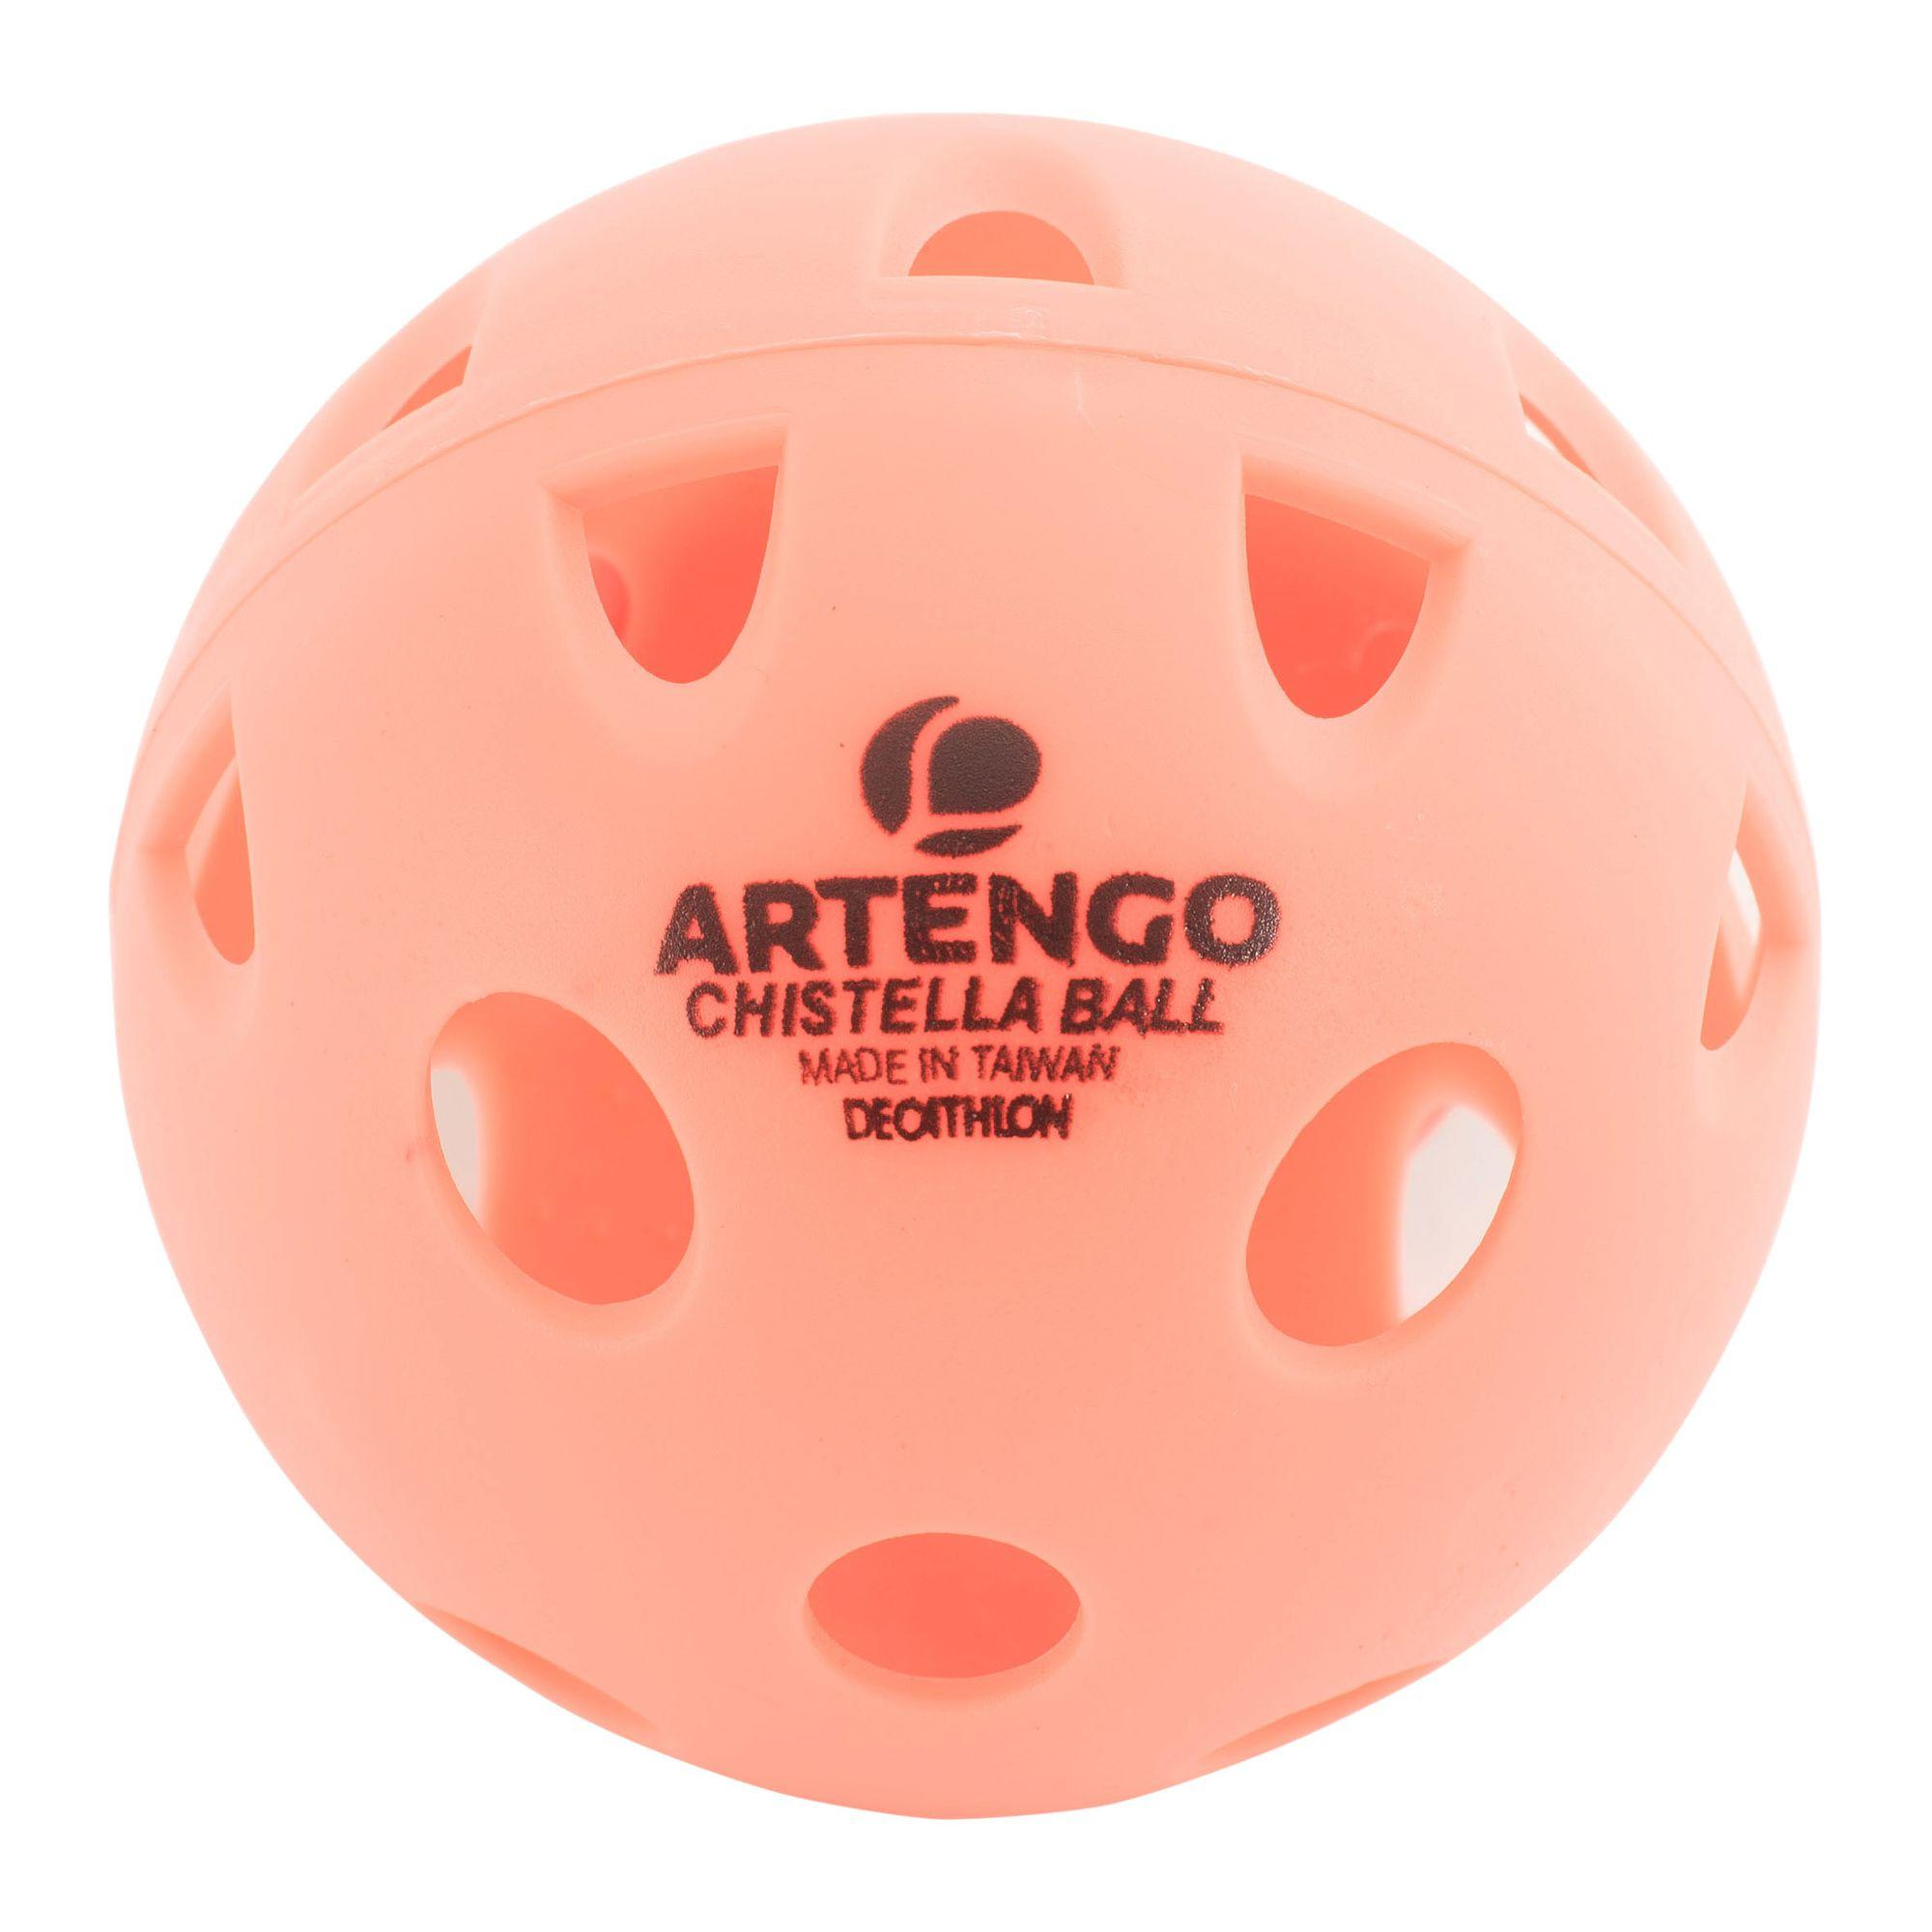 Chistella Ball Portocaliu la Reducere poza